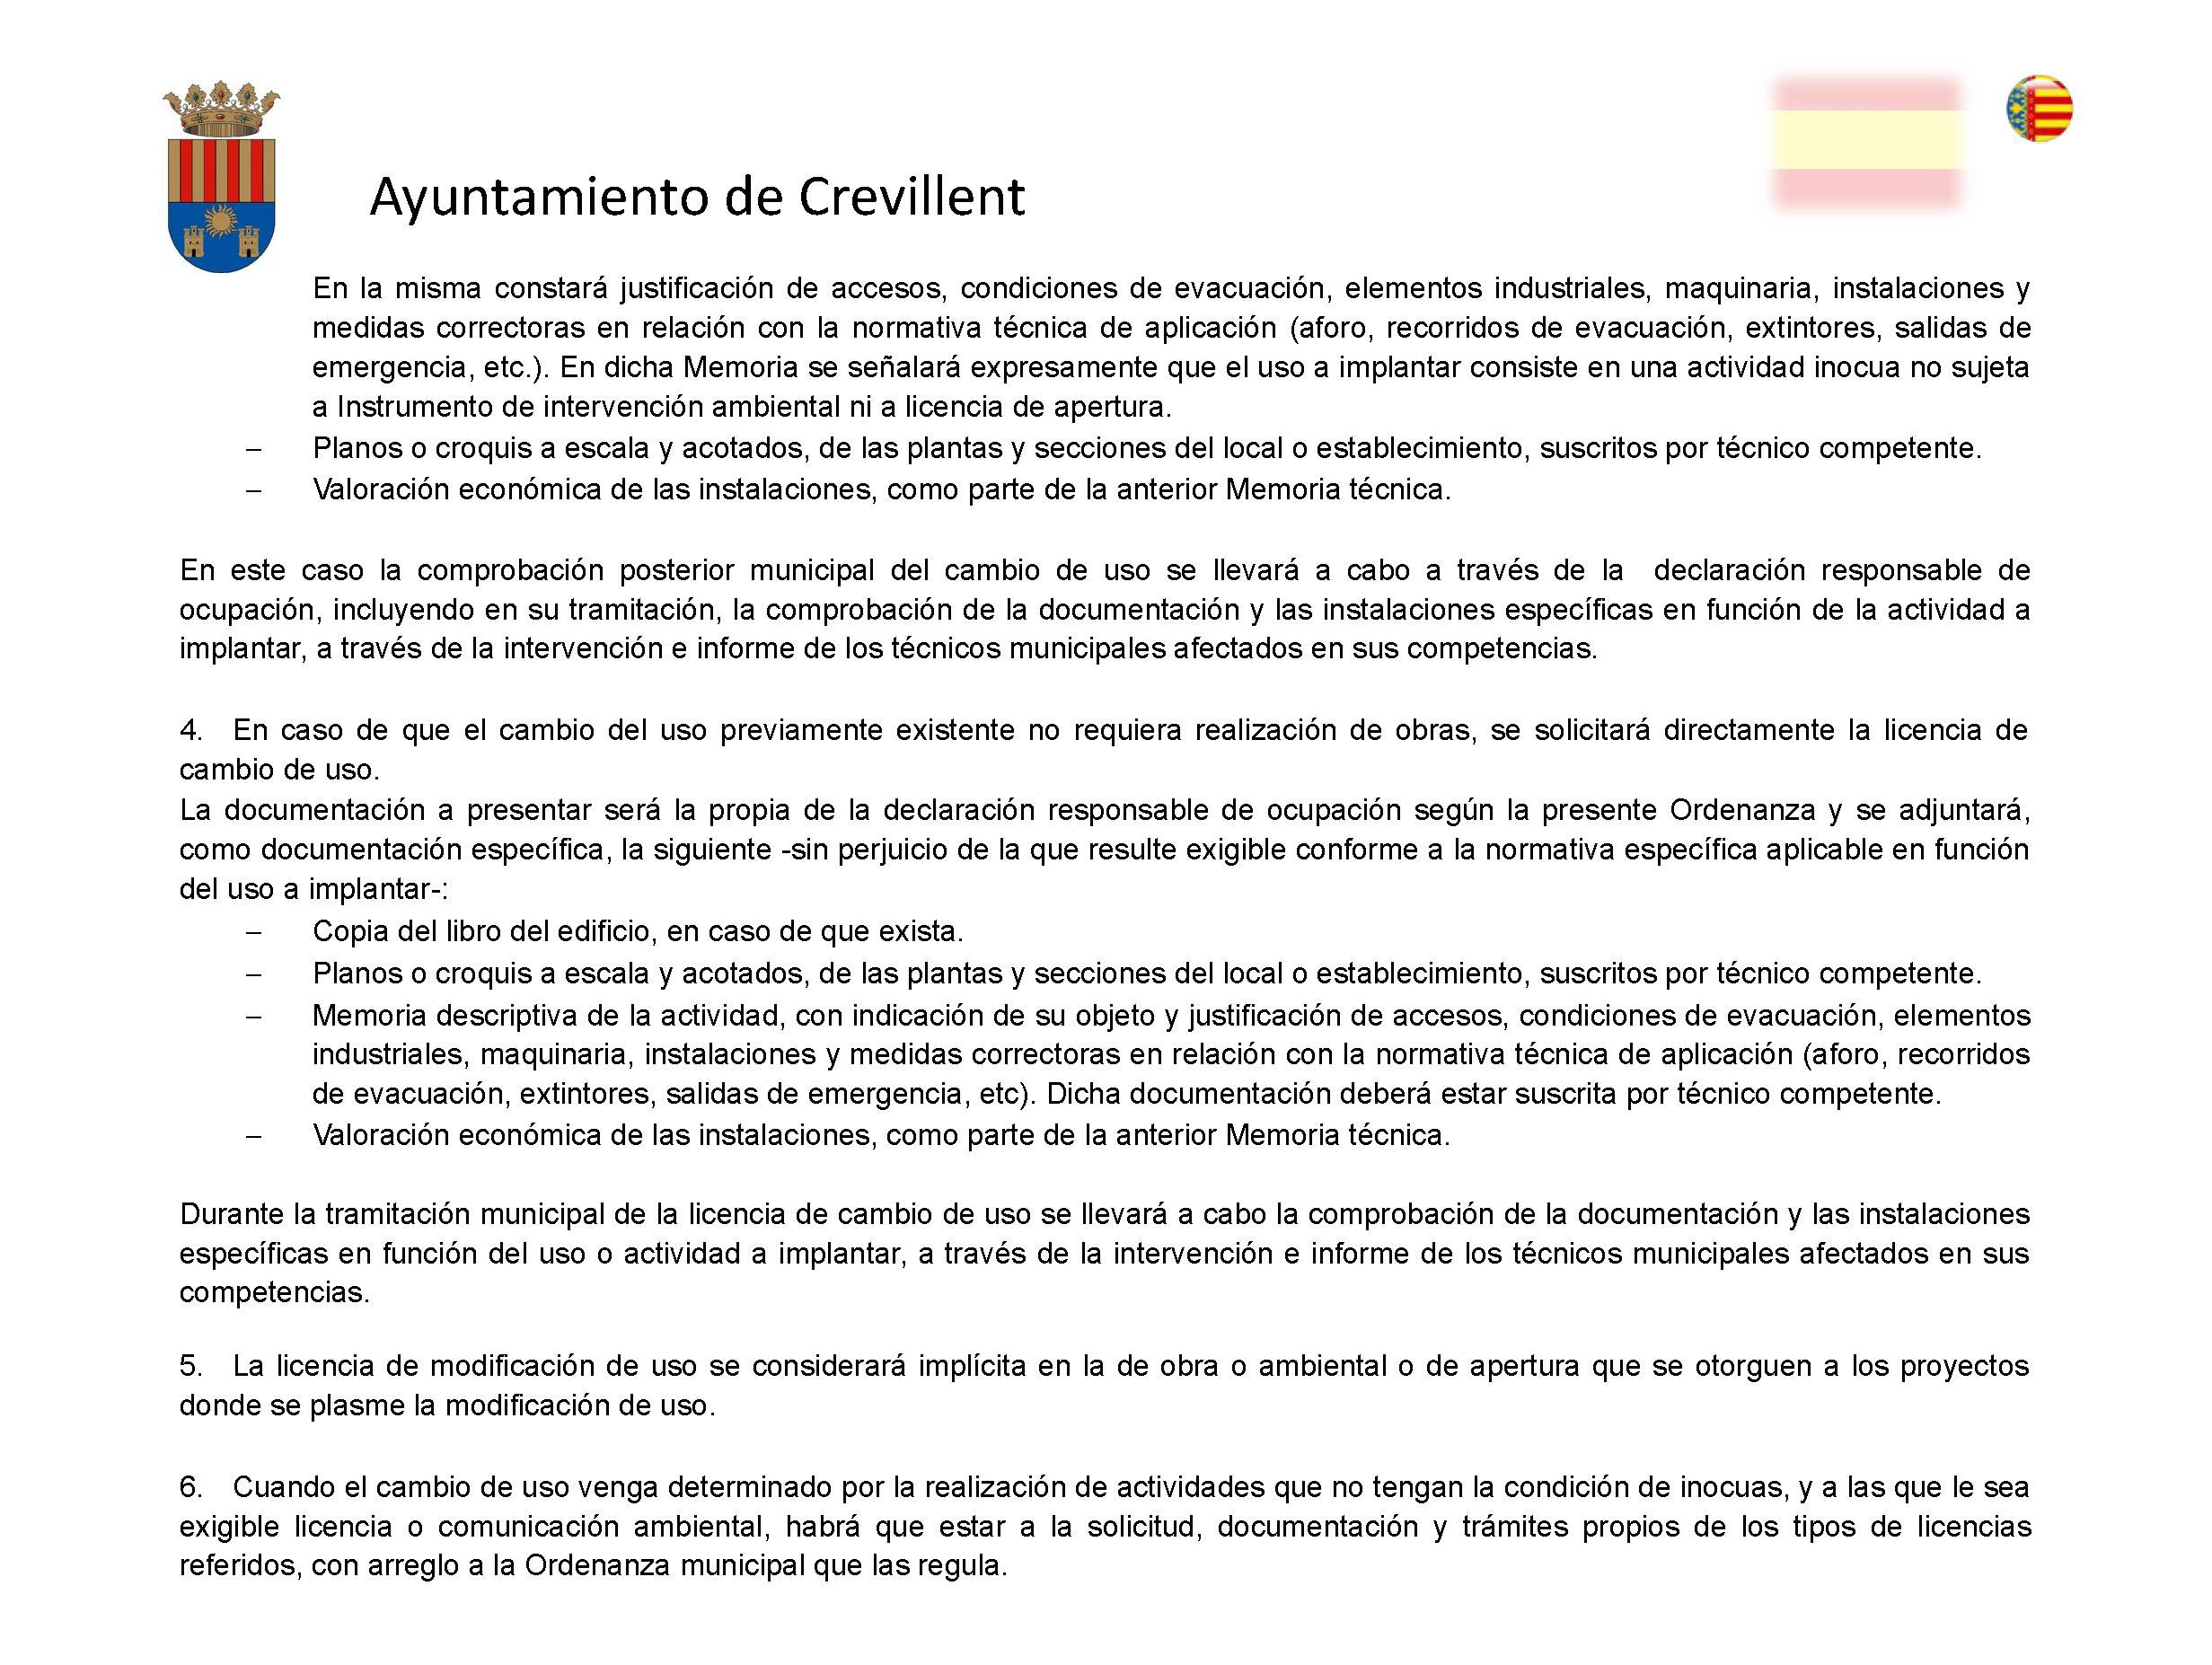 Impreso Declaración Responsable Segunda Ocupación Crevillente